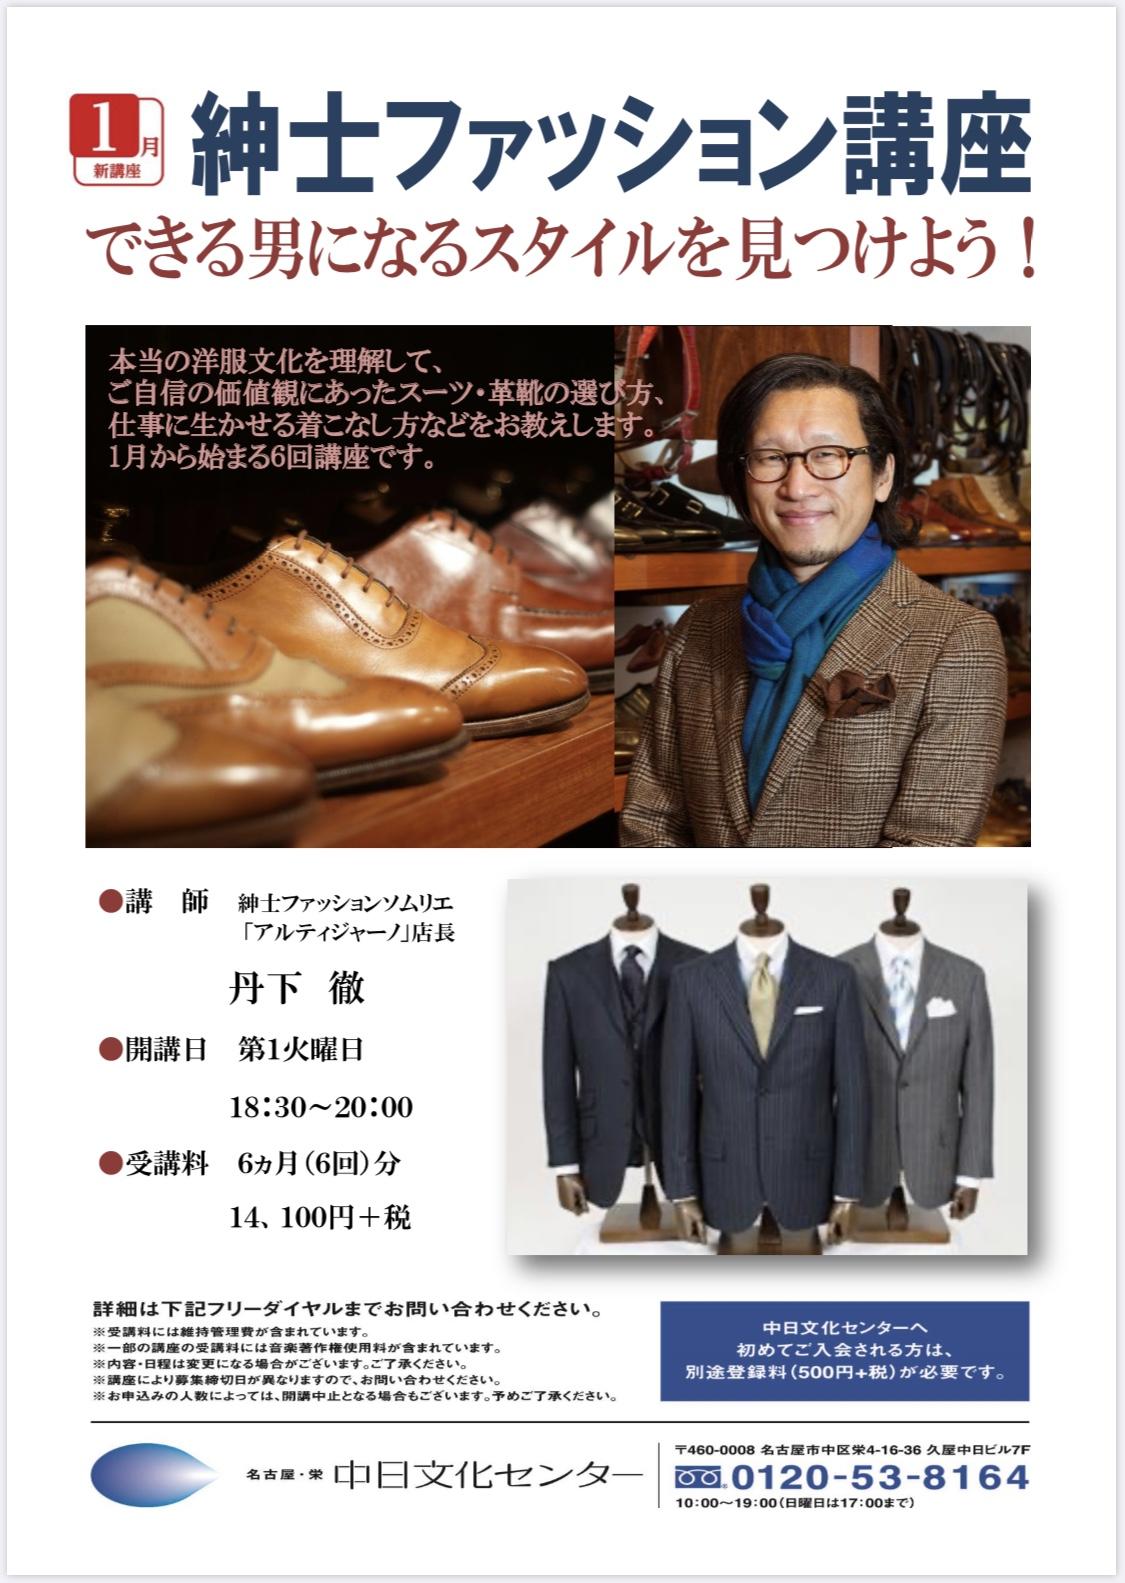 ◆結果が出せるビジネスマンの服装戦略を丁寧にお伝えします!◆